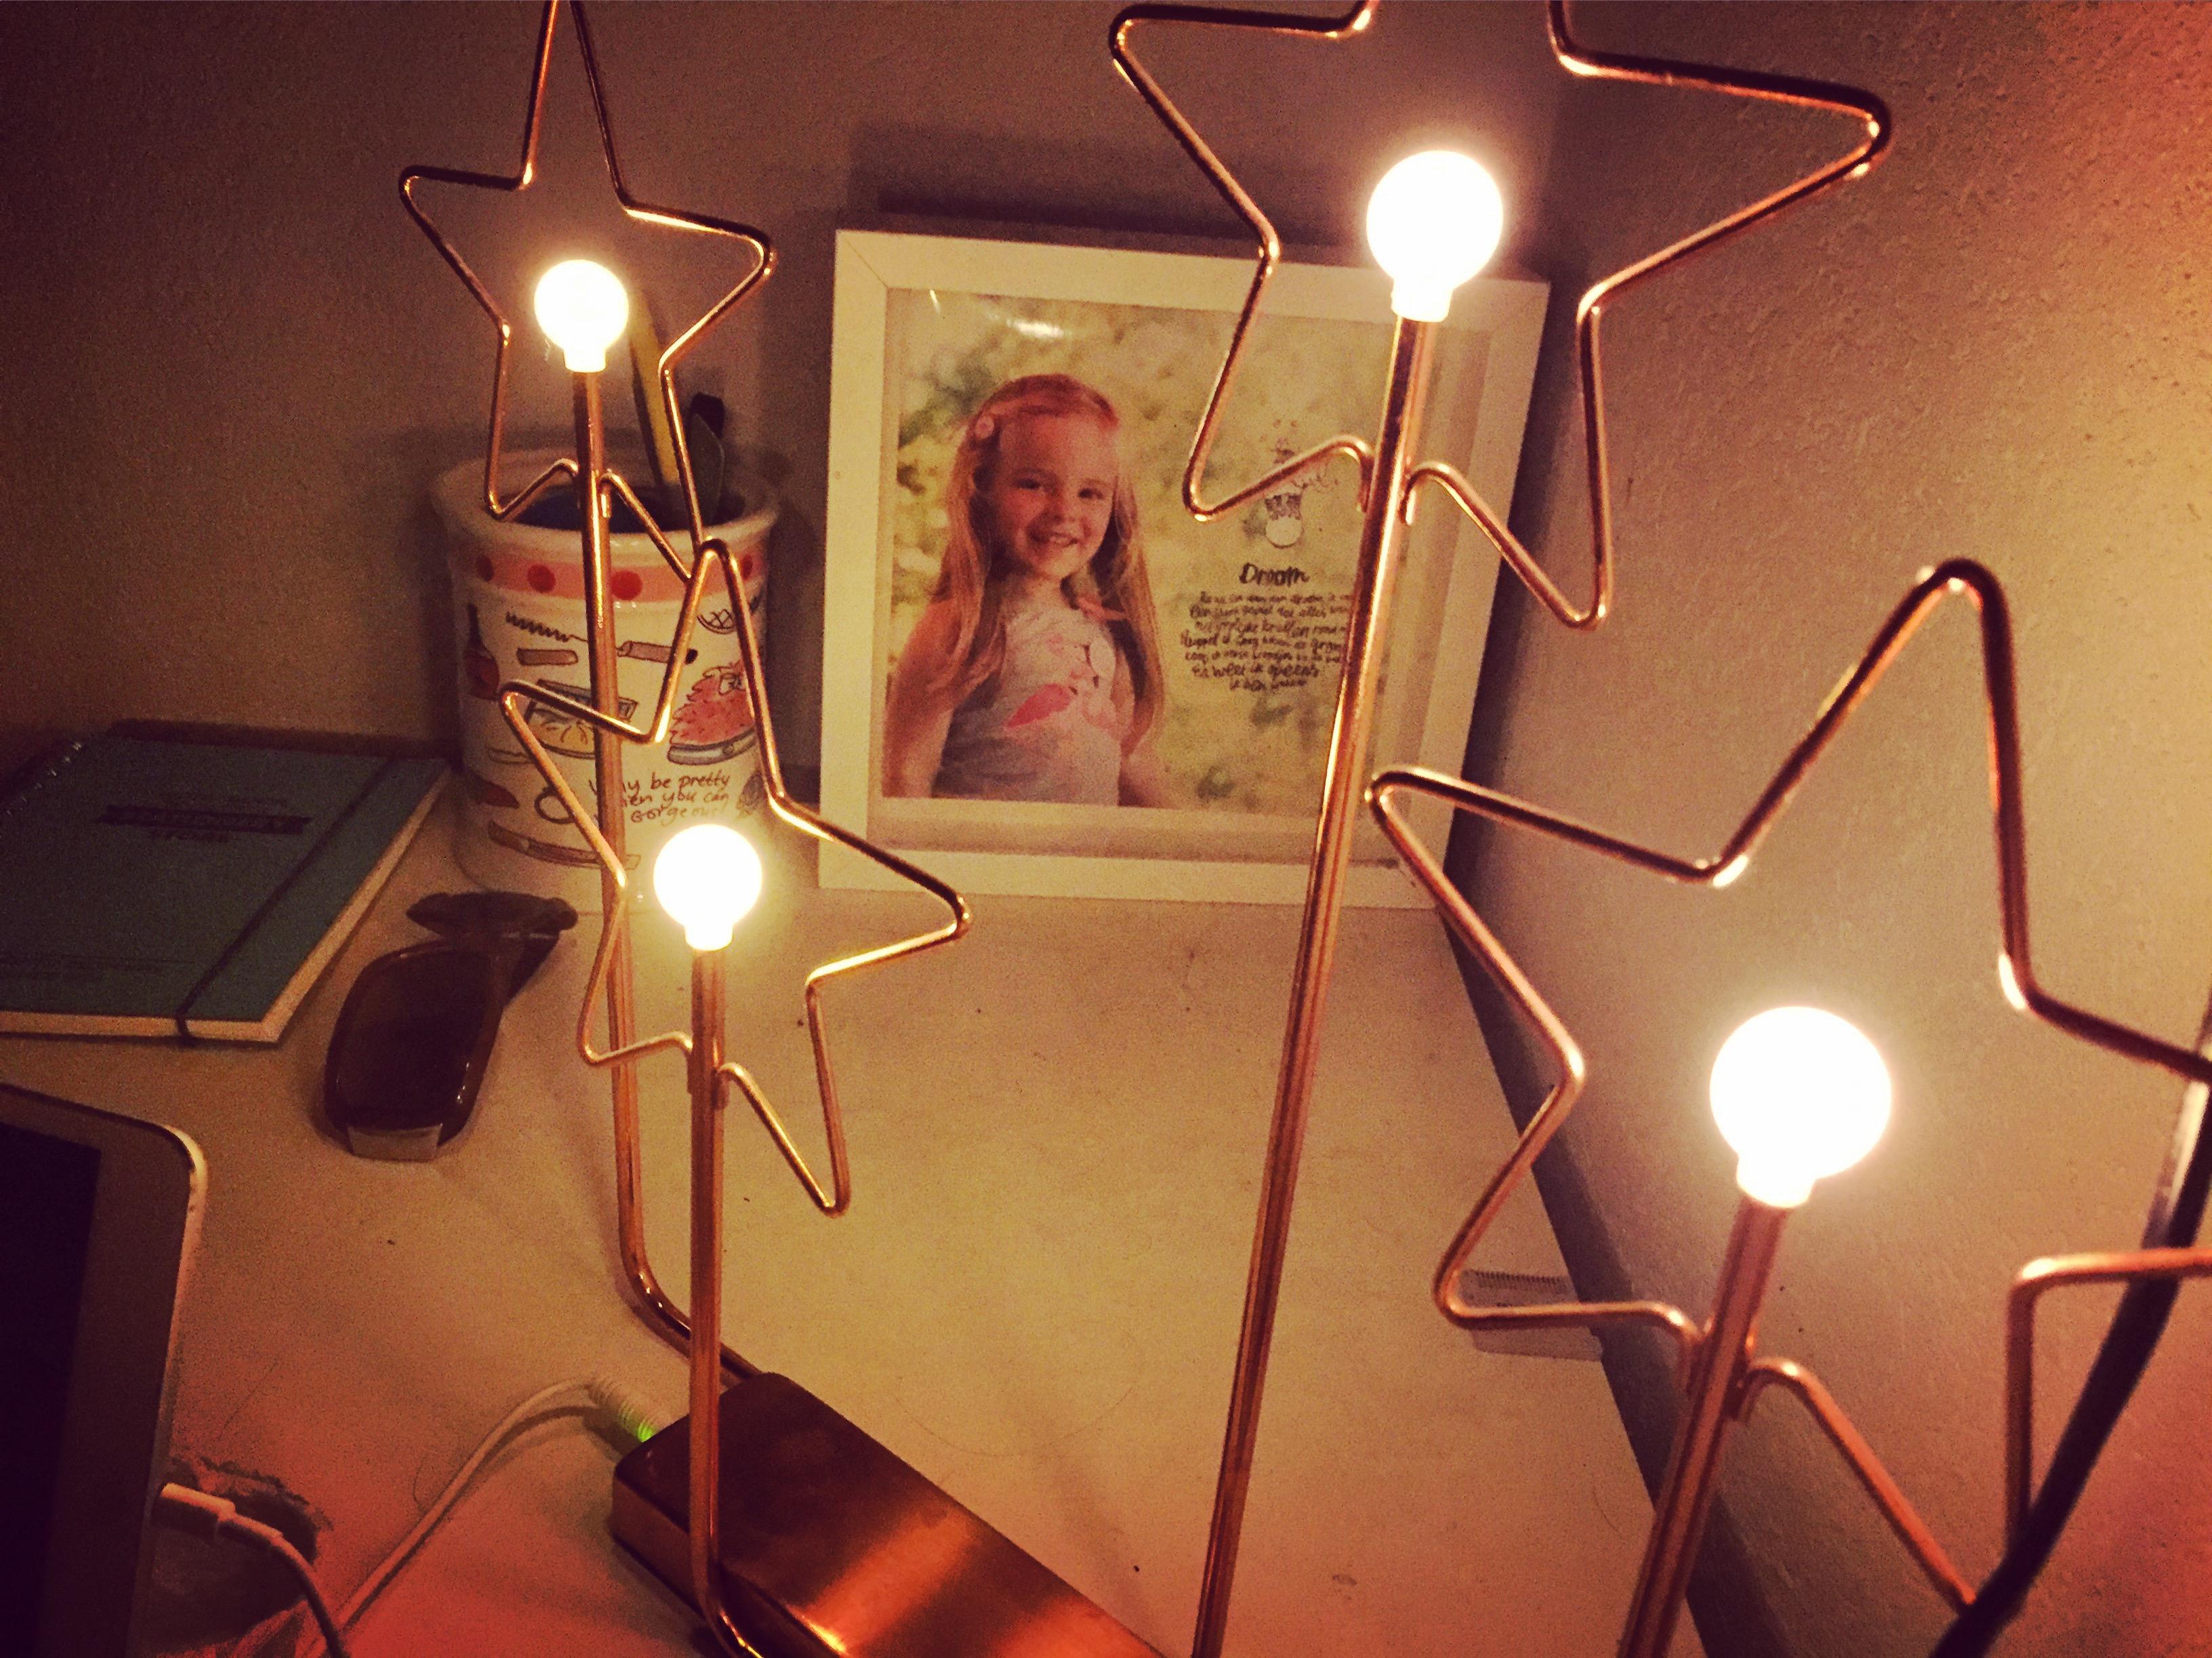 En dit is dan mijn uitzicht. Heerlijk slapen met deze fijne sfeerlampjes van de ikea.